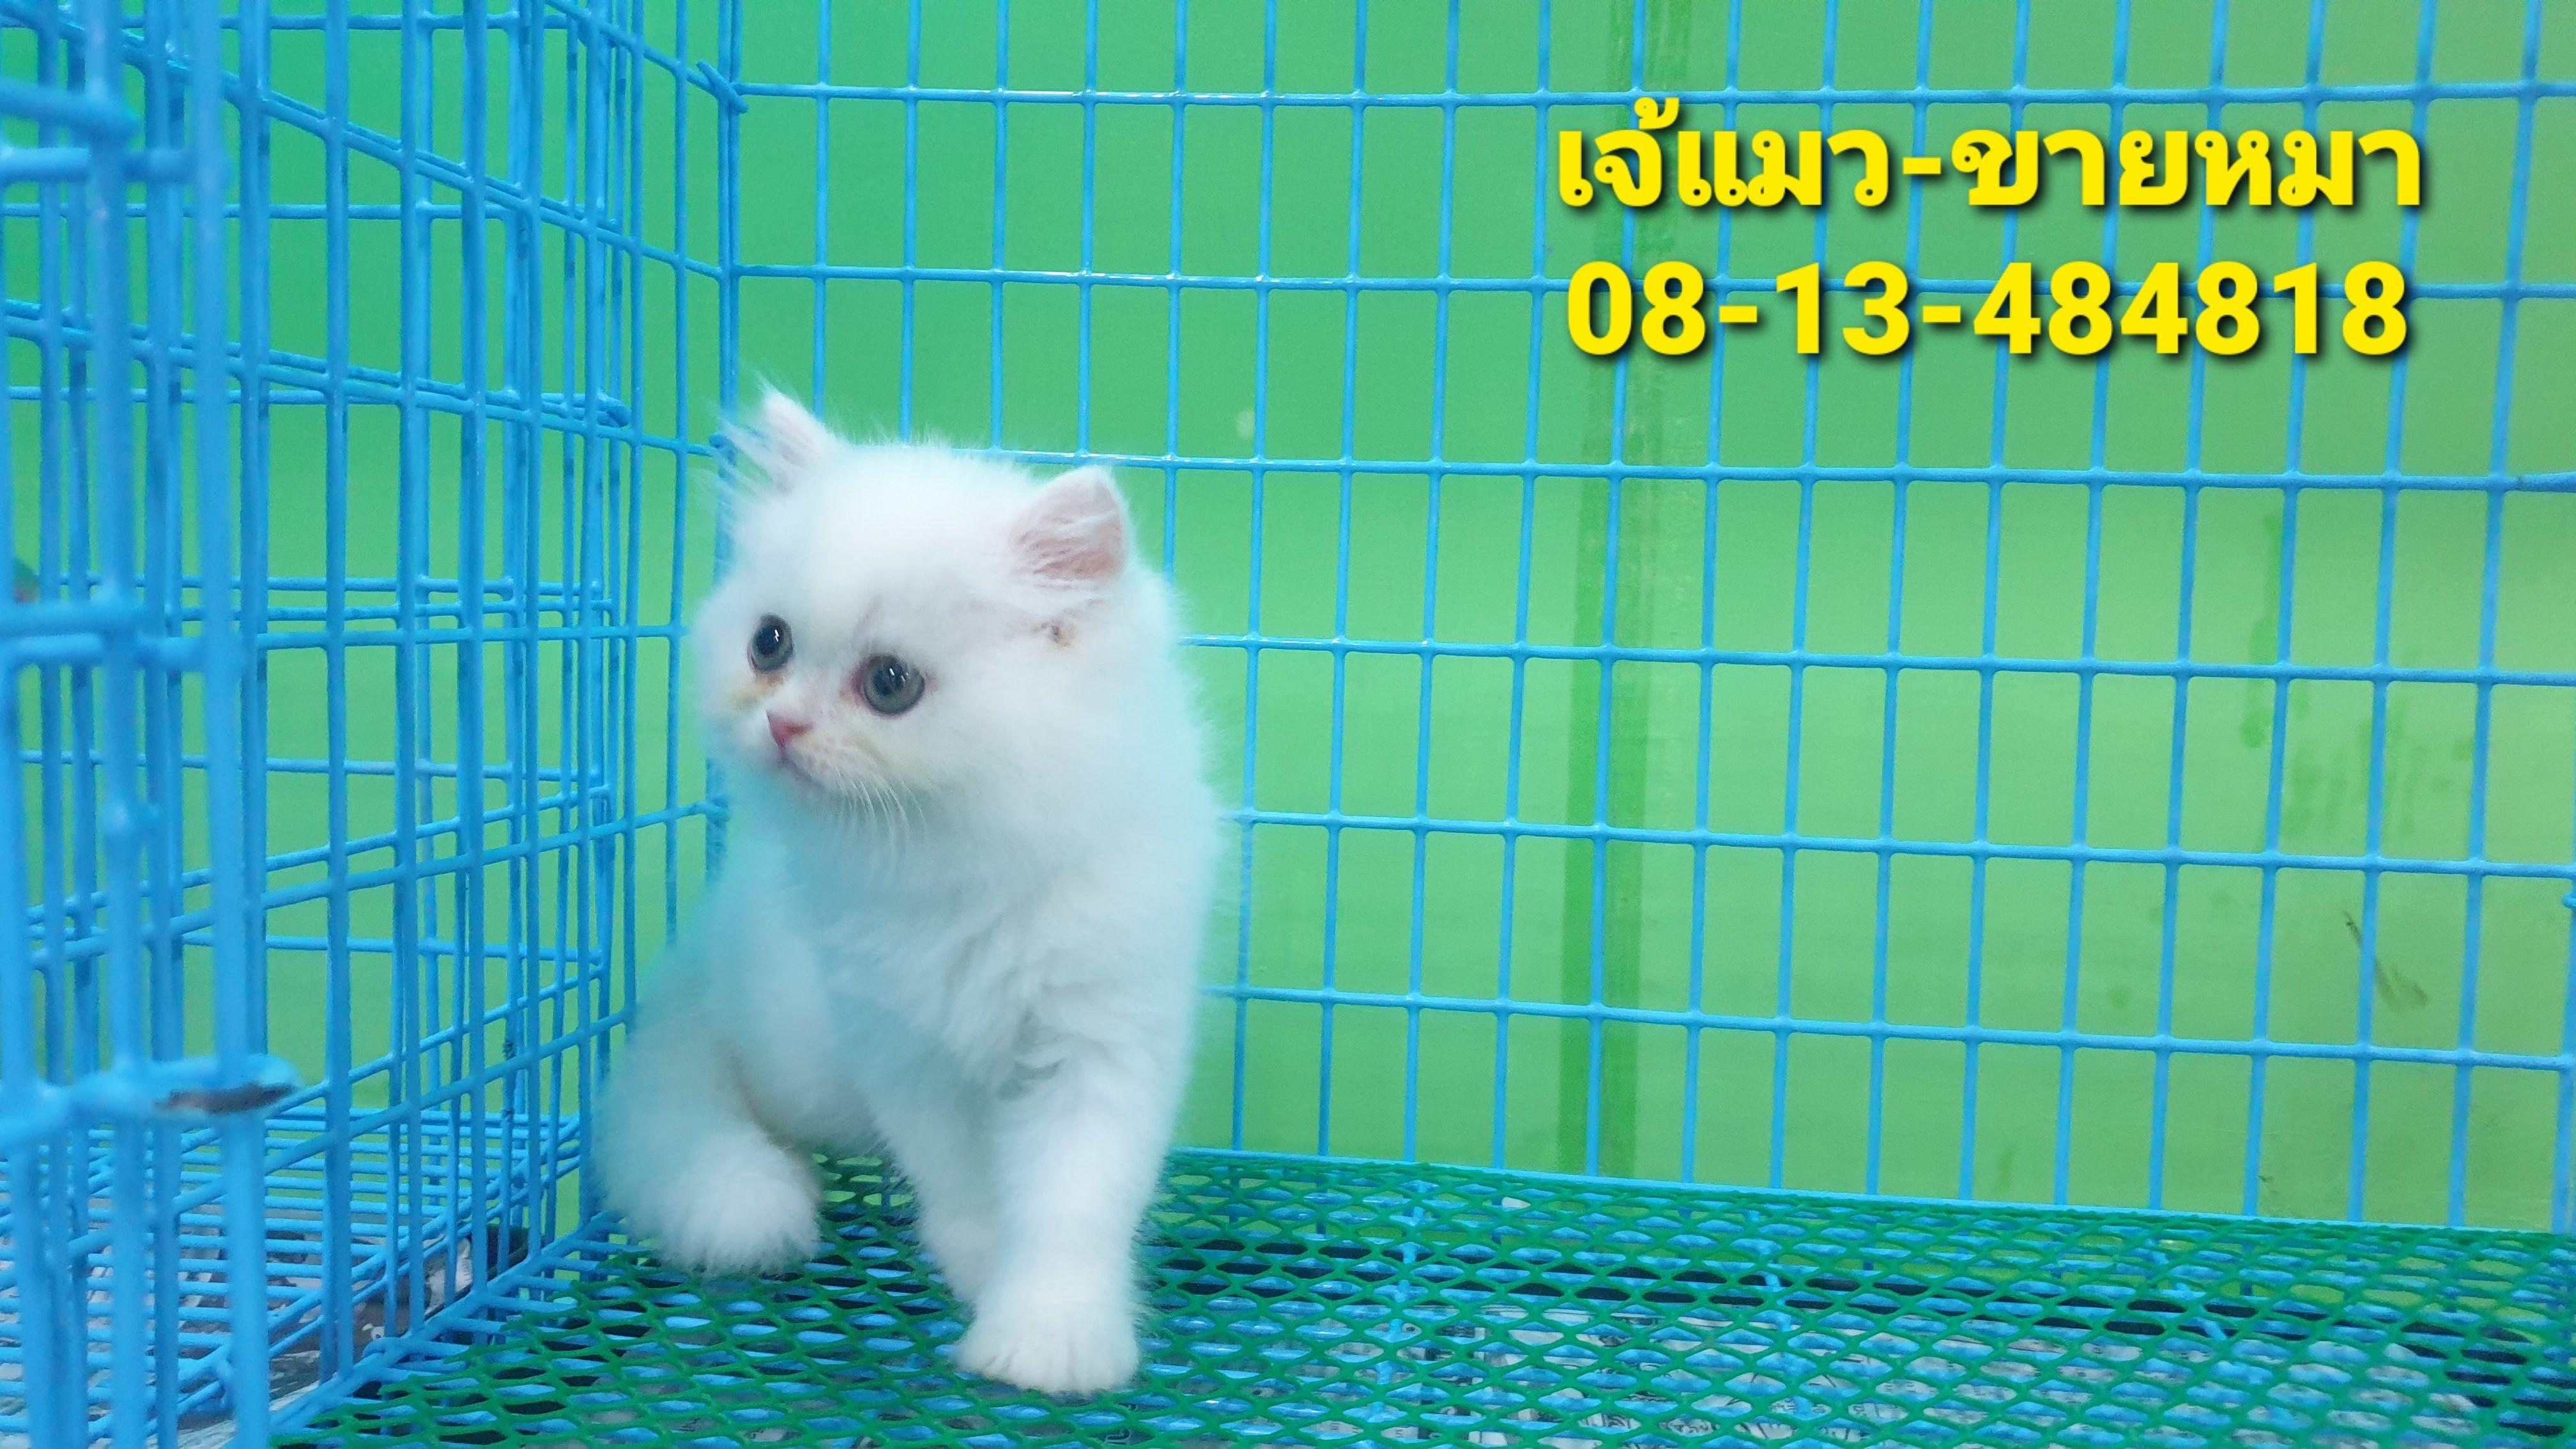 ขายแมวภ เก ต Pomeranian ปอมเมอร เรเน ยน ภ เก ต Teacup ช วาว า ปอม 08 13 484818 เจ แมว ร กหมา